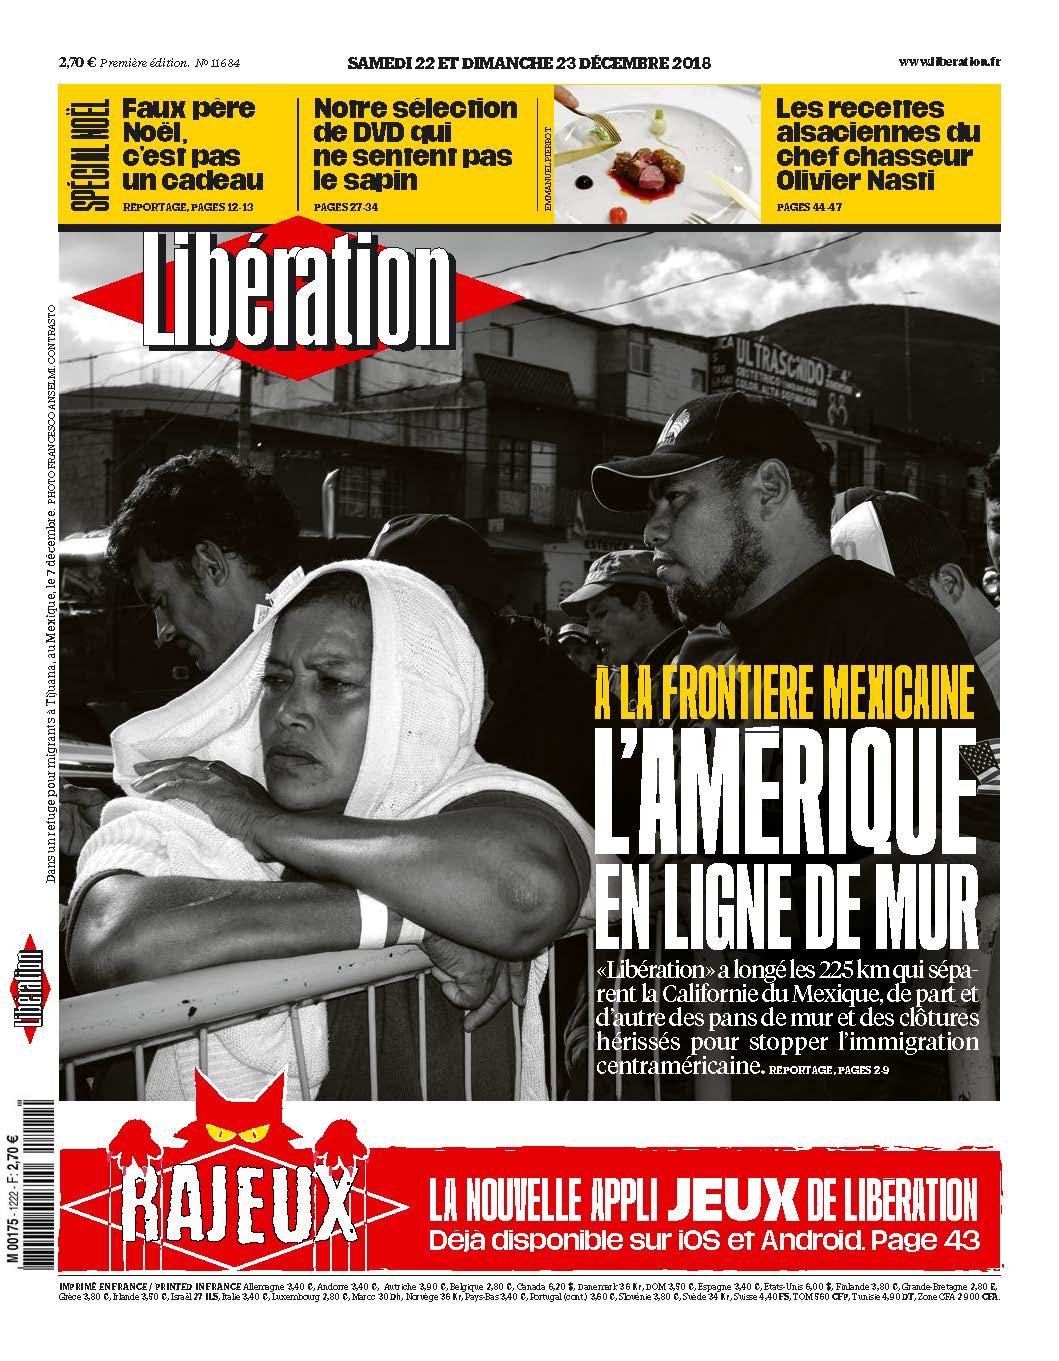 Liberation, January 2019